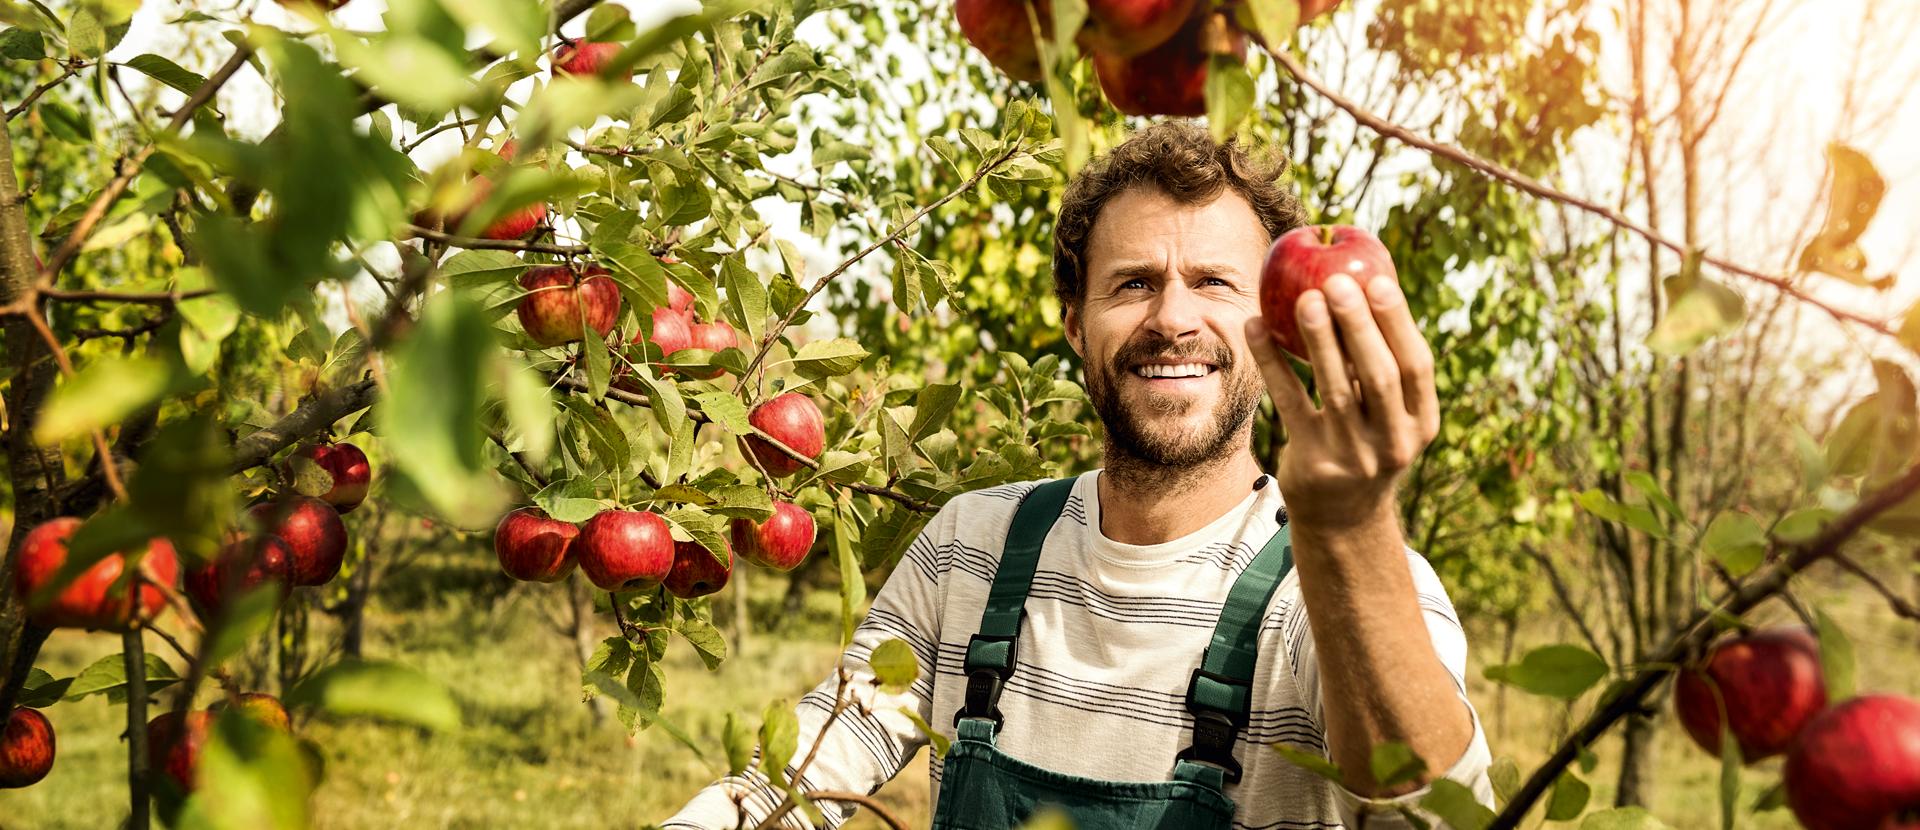 Apfelbauer mit Apfel in der Hand